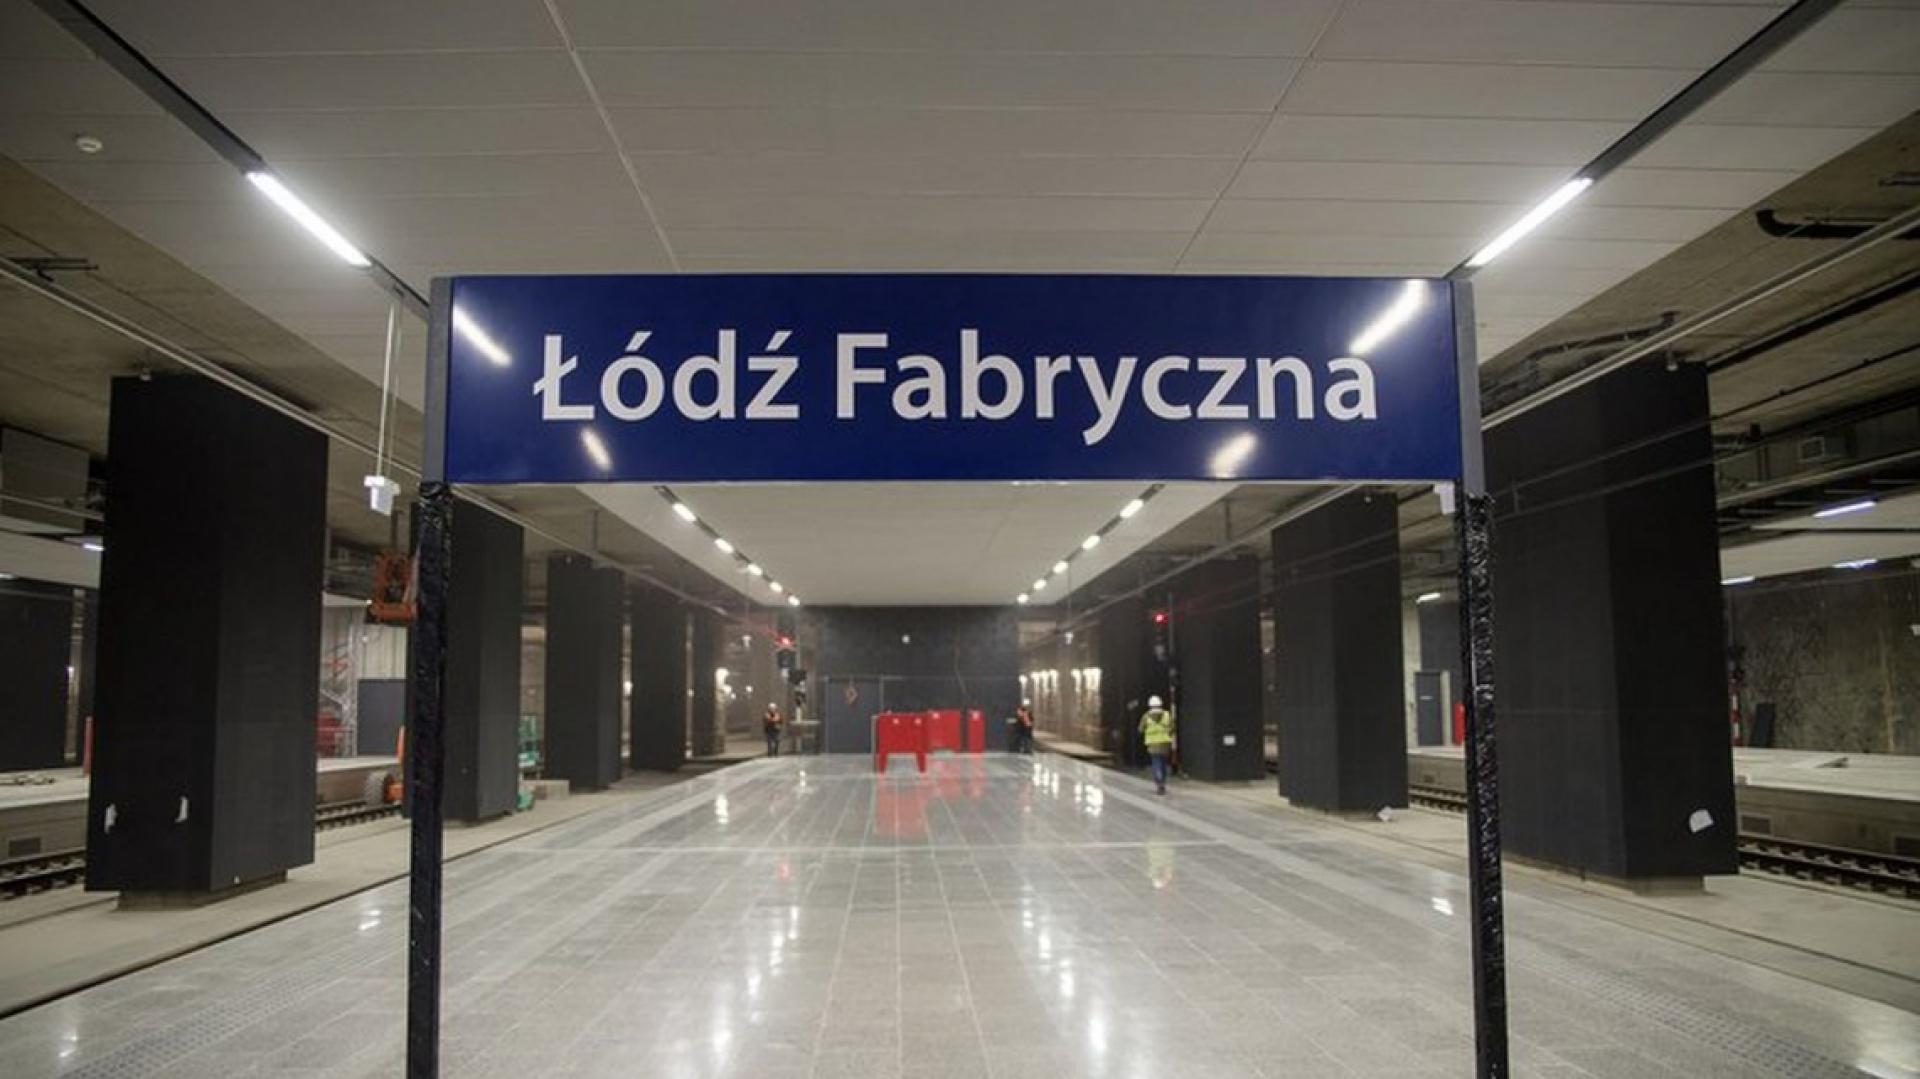 Fot. pkp.plk